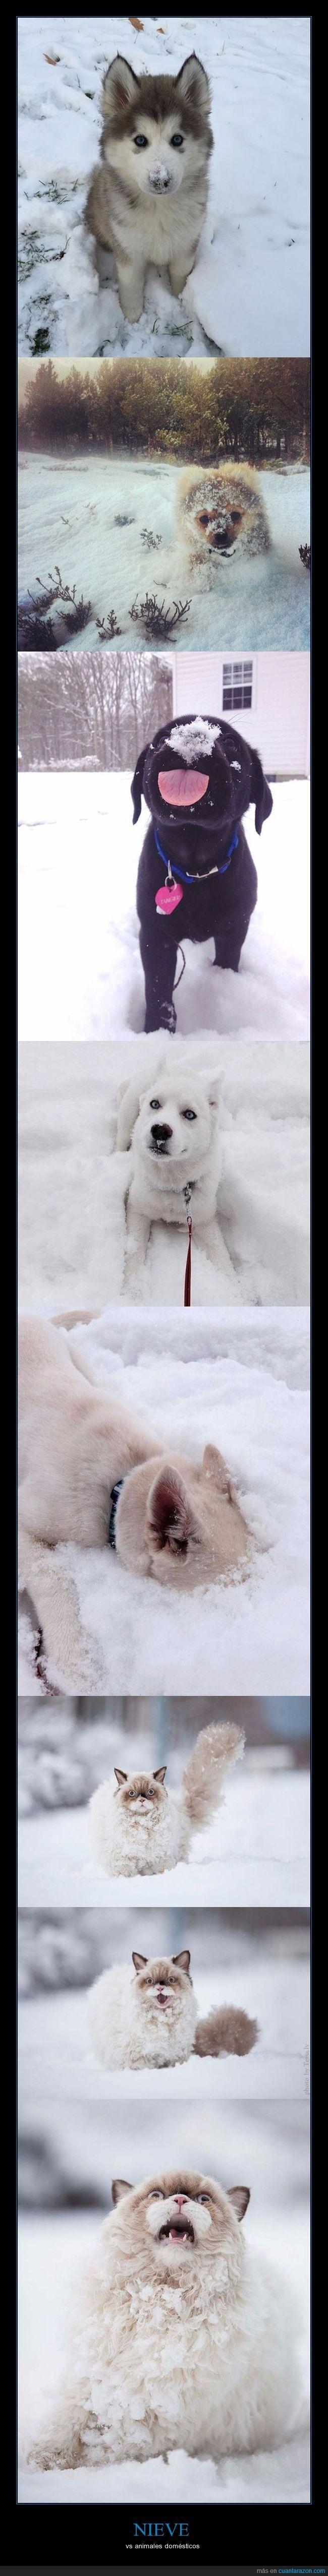 Nieve vs animales domésticos - vs animales domésticos   Gracias a http://www.cuantarazon.com/   Si quieres leer la noticia completa visita: http://www.skylight-imagen.com/nieve-vs-animales-domesticos-vs-animales-domesticos/